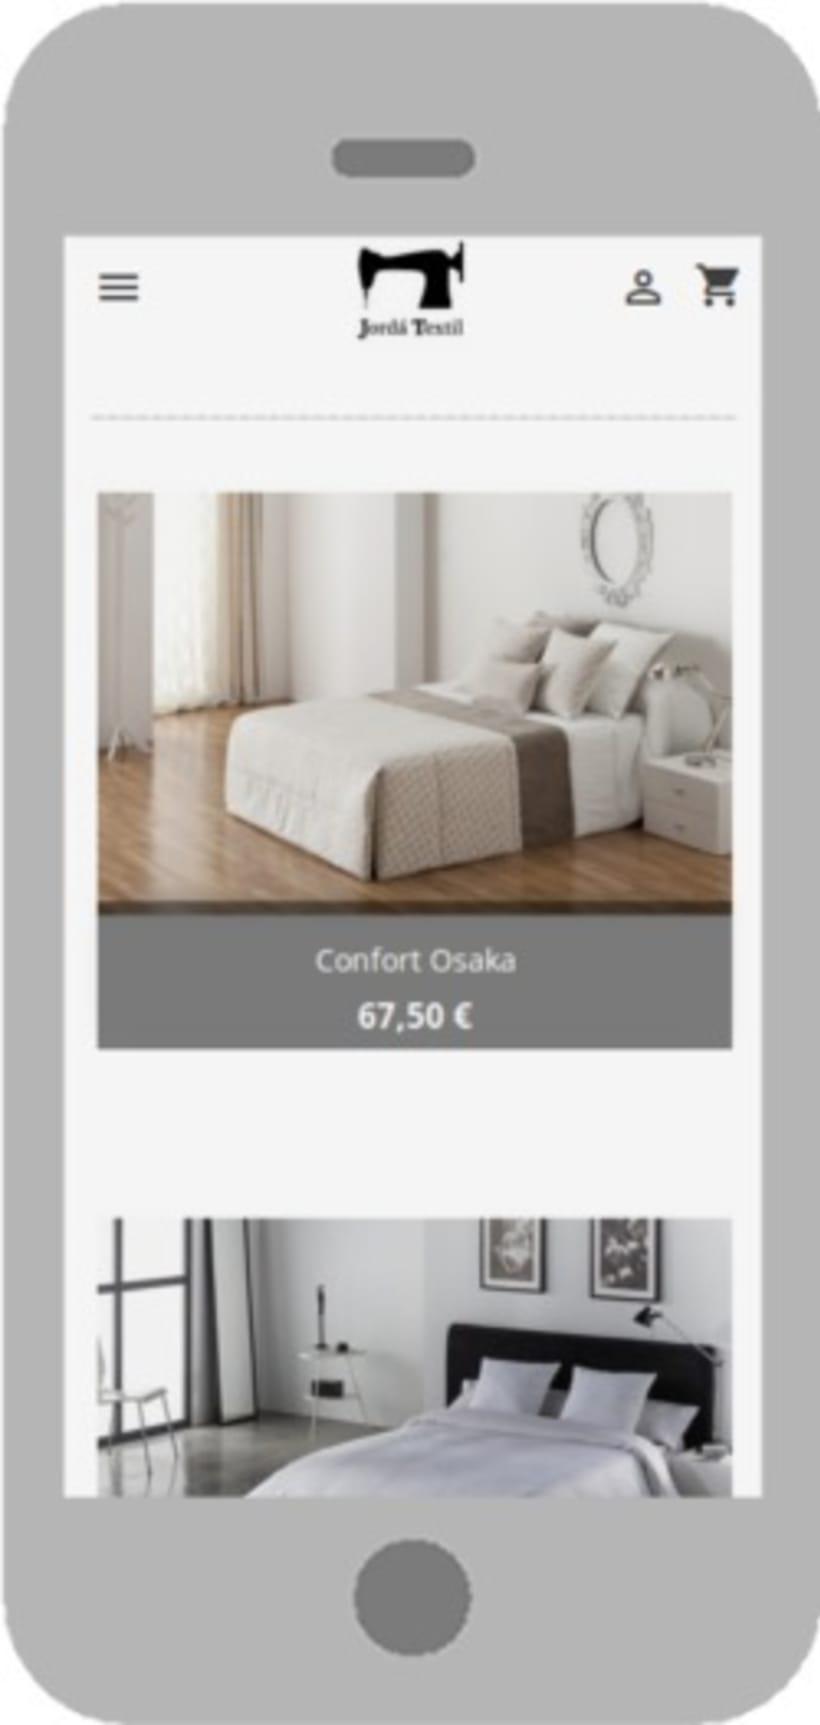 Rediseño del e-commerce de Jordá Texil 0